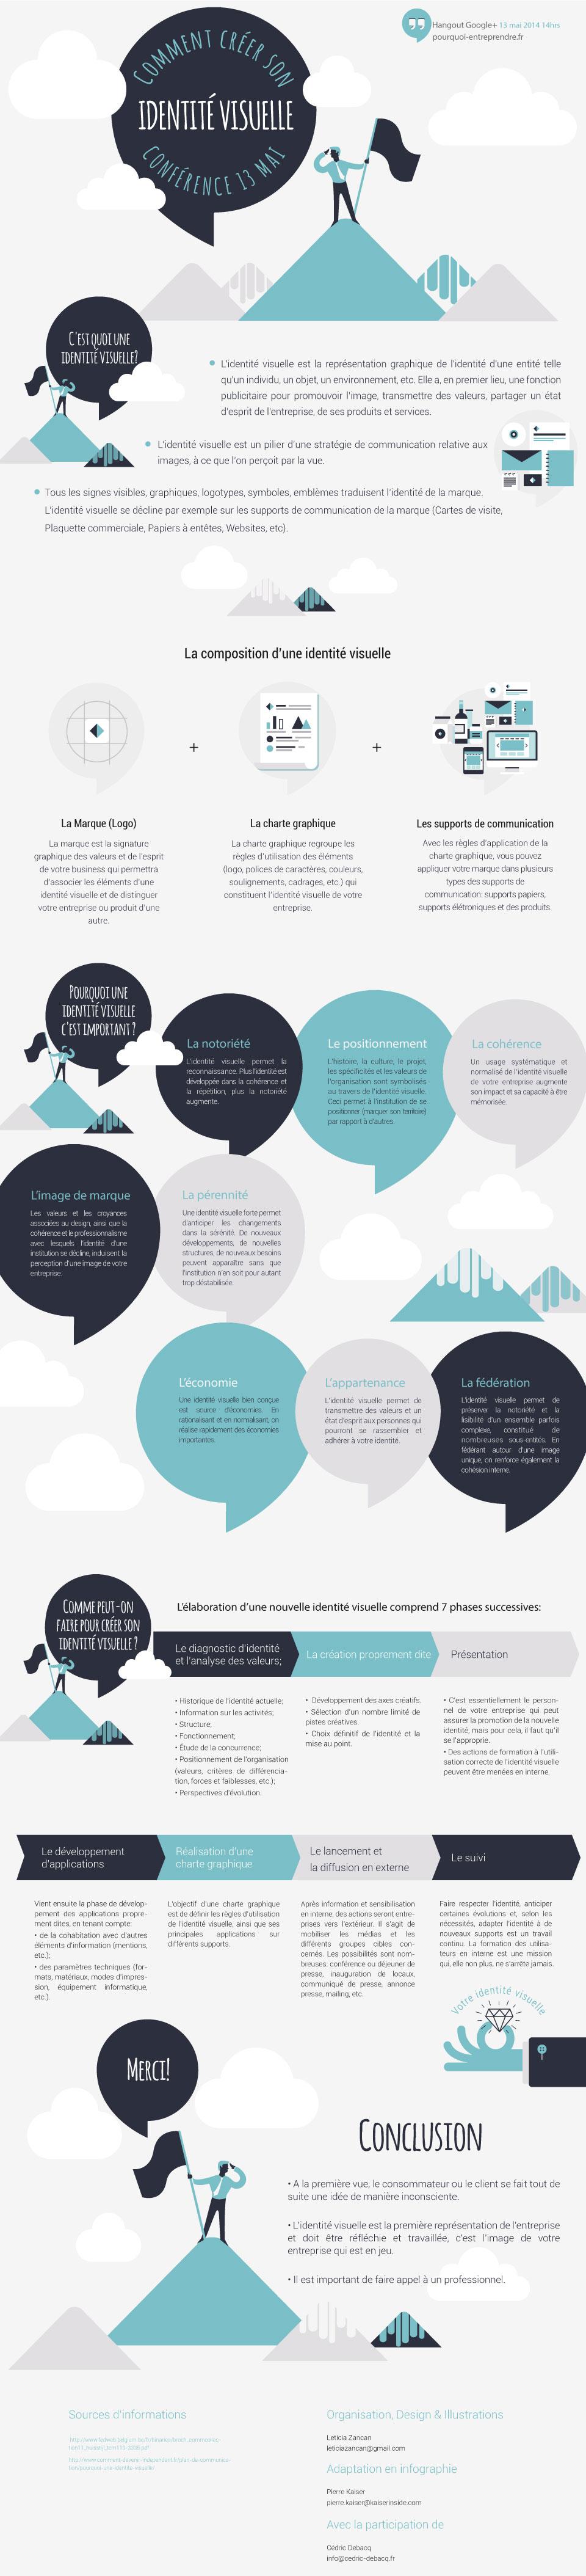 infographie identite visuelle